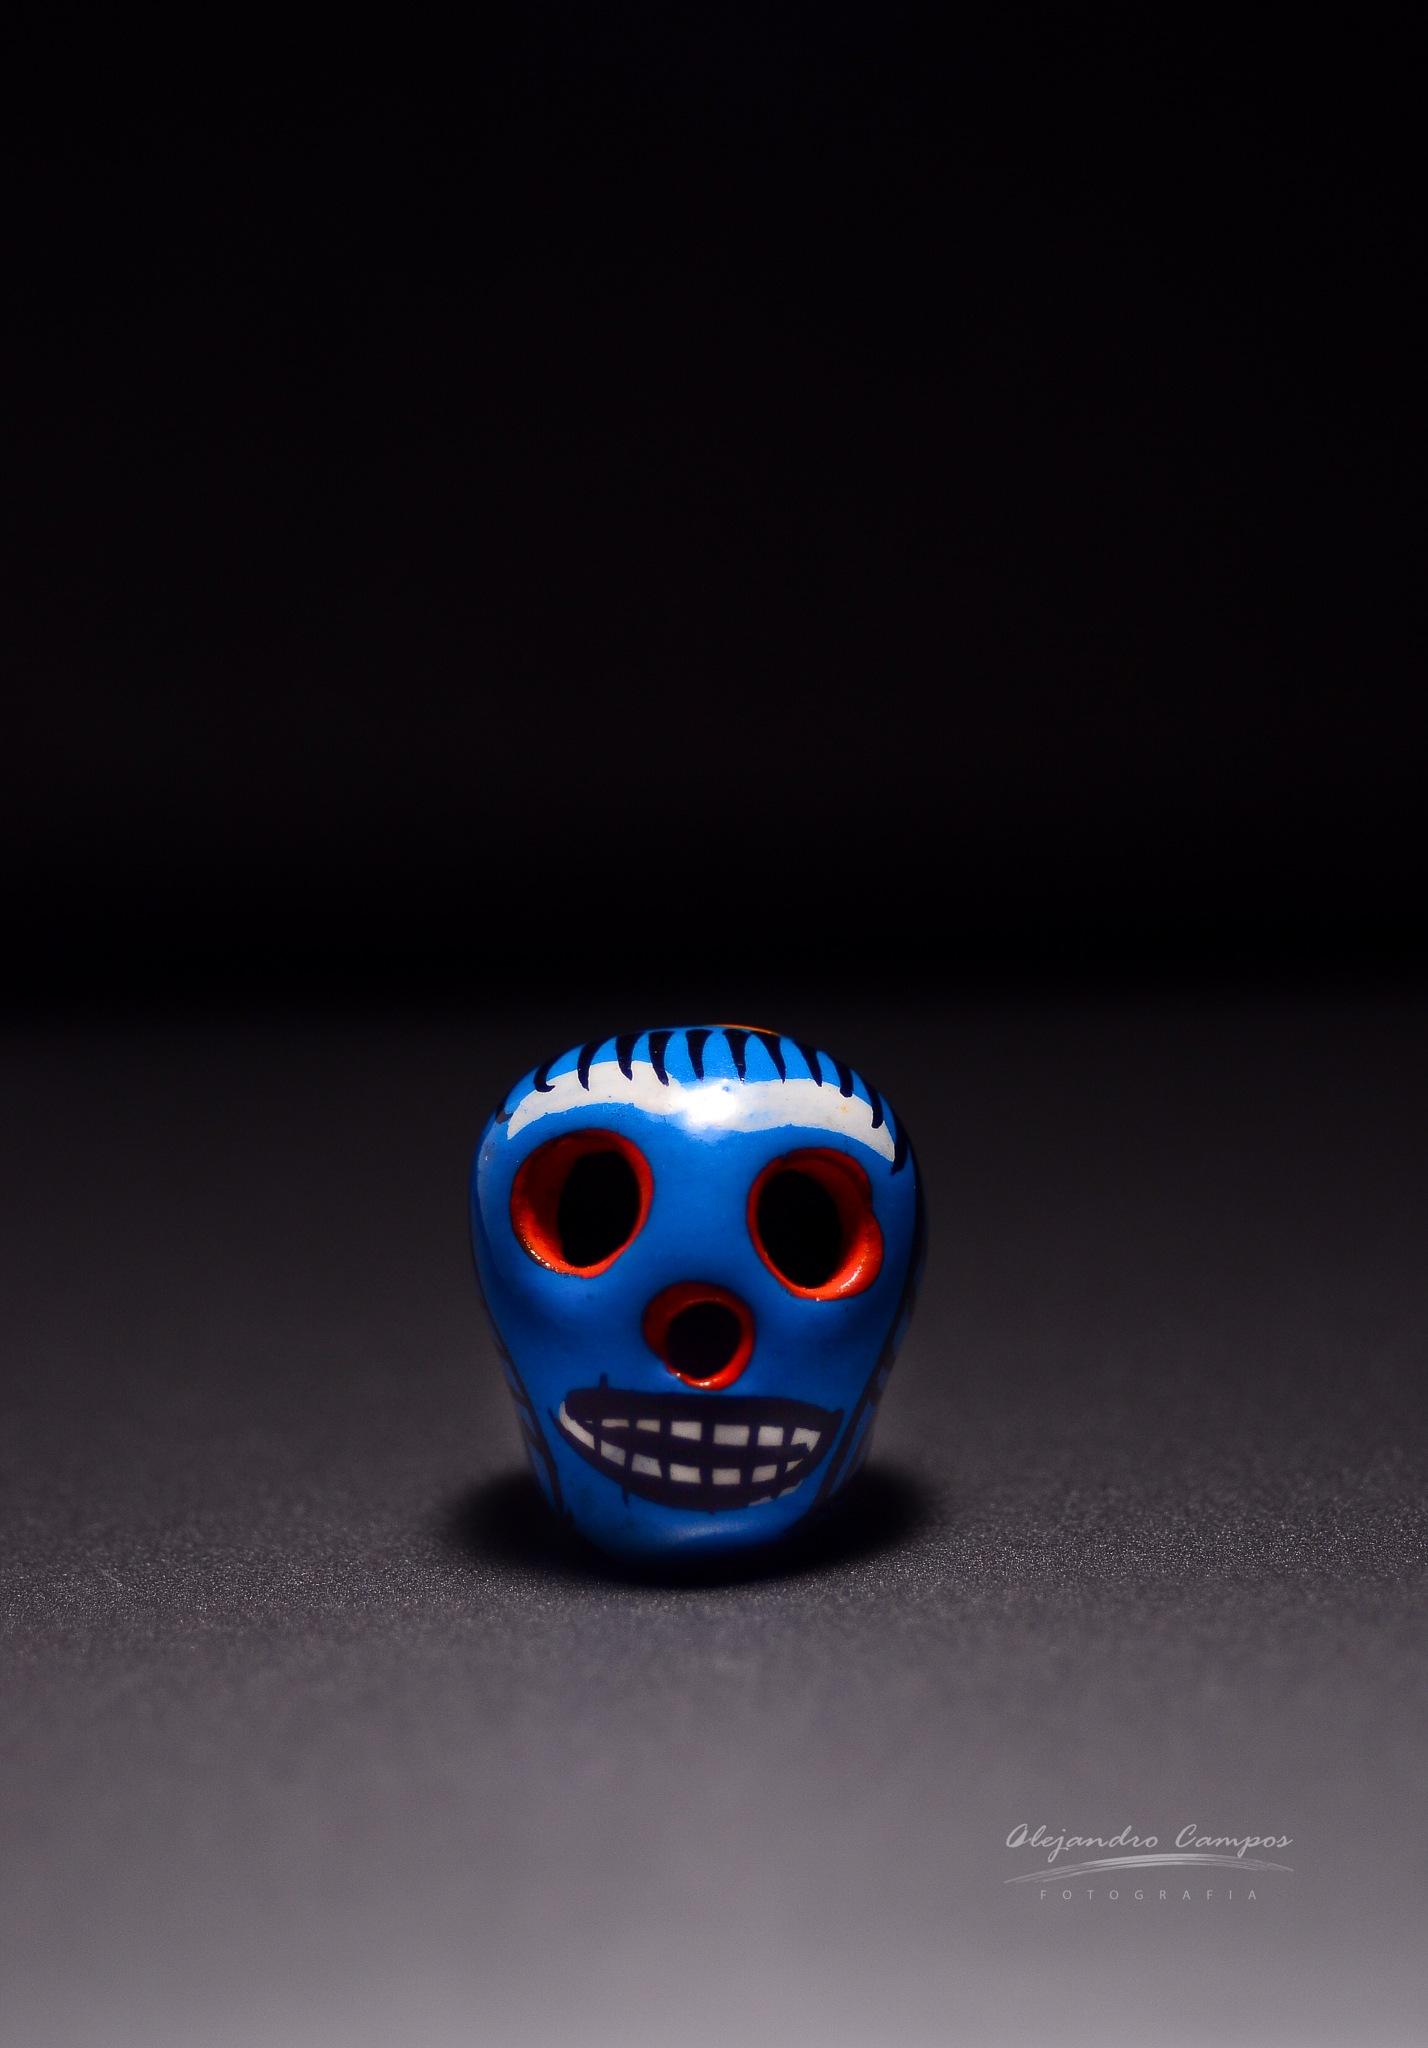 Día de los Muertos by alejandrocamposfotografia